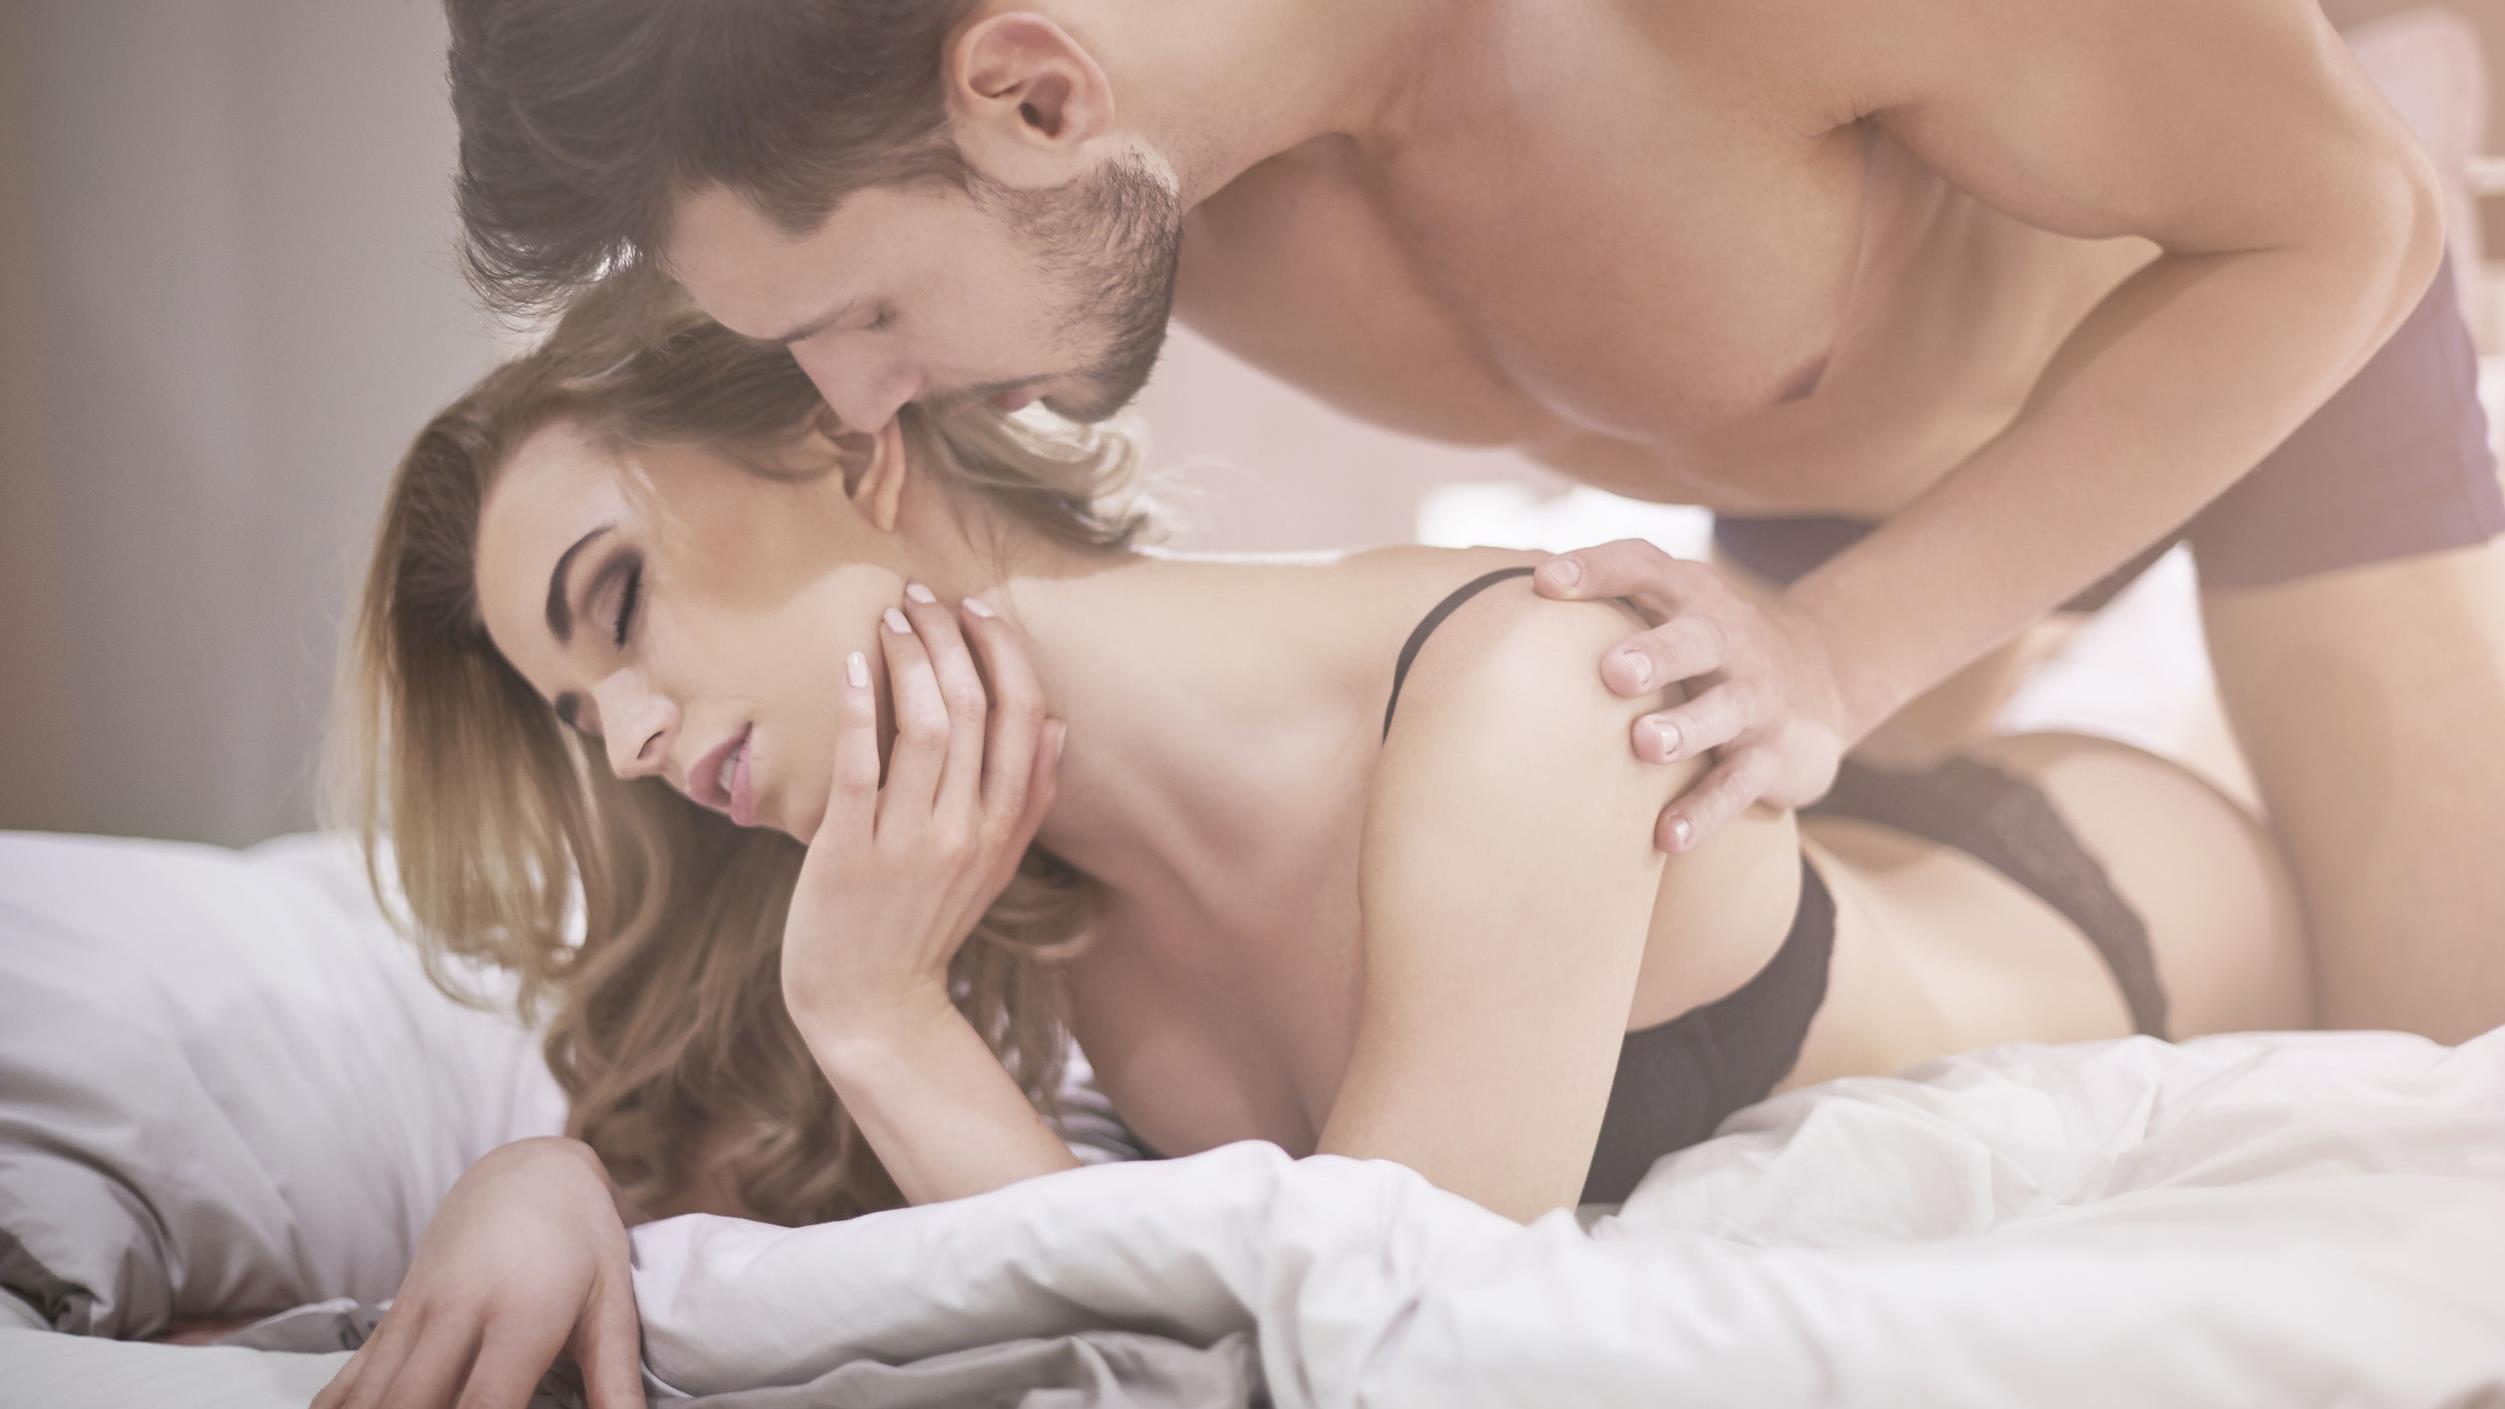 duży penis na mężczyznach małe nastolatki nagie fotki